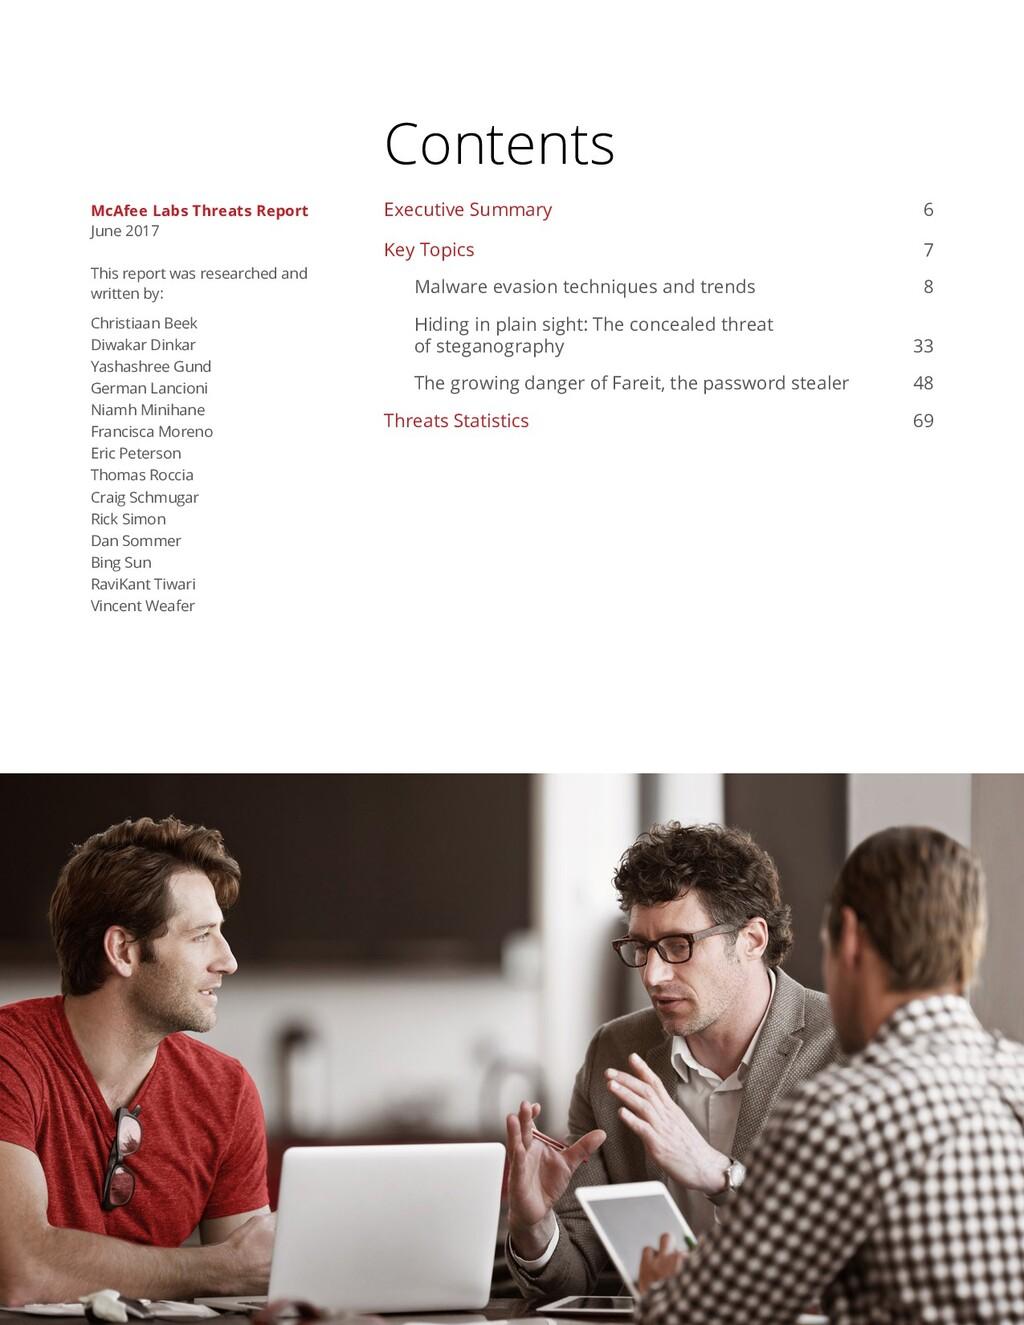 Contents Executive Summary 6 Key Topics 7 Malwa...